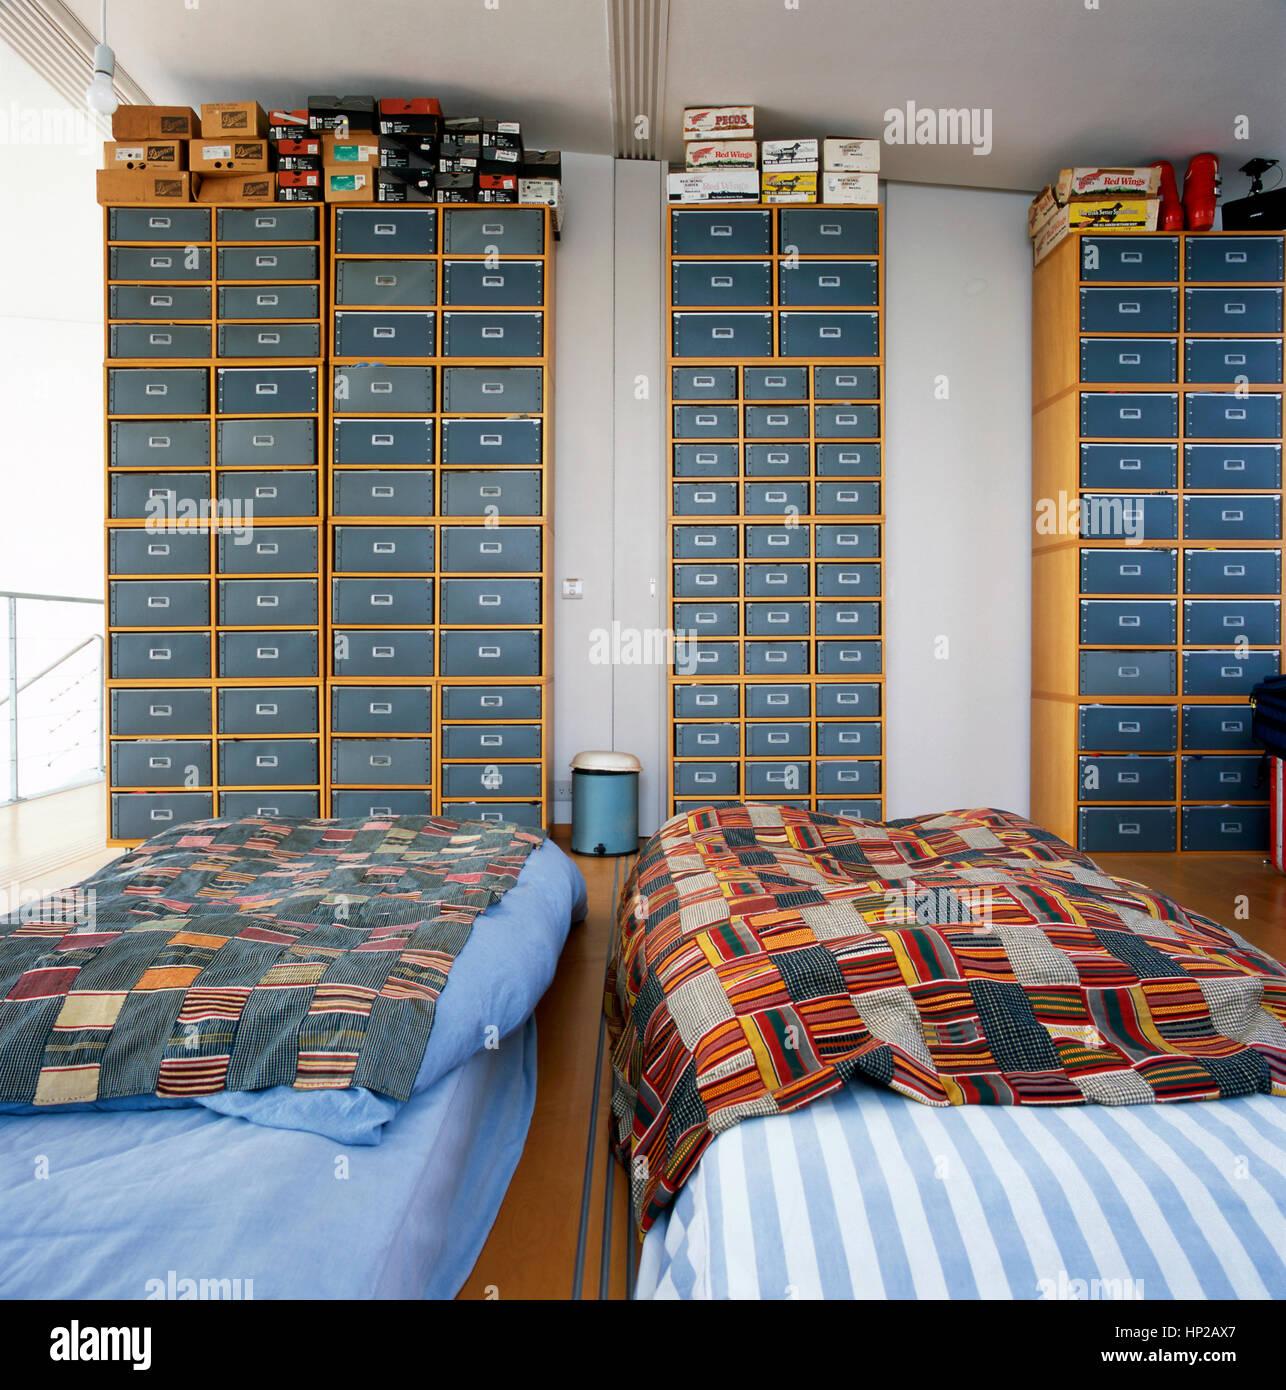 Zeitgenossische Japanische Innenraum Aus Einem Schlafzimmer Mit Zwei